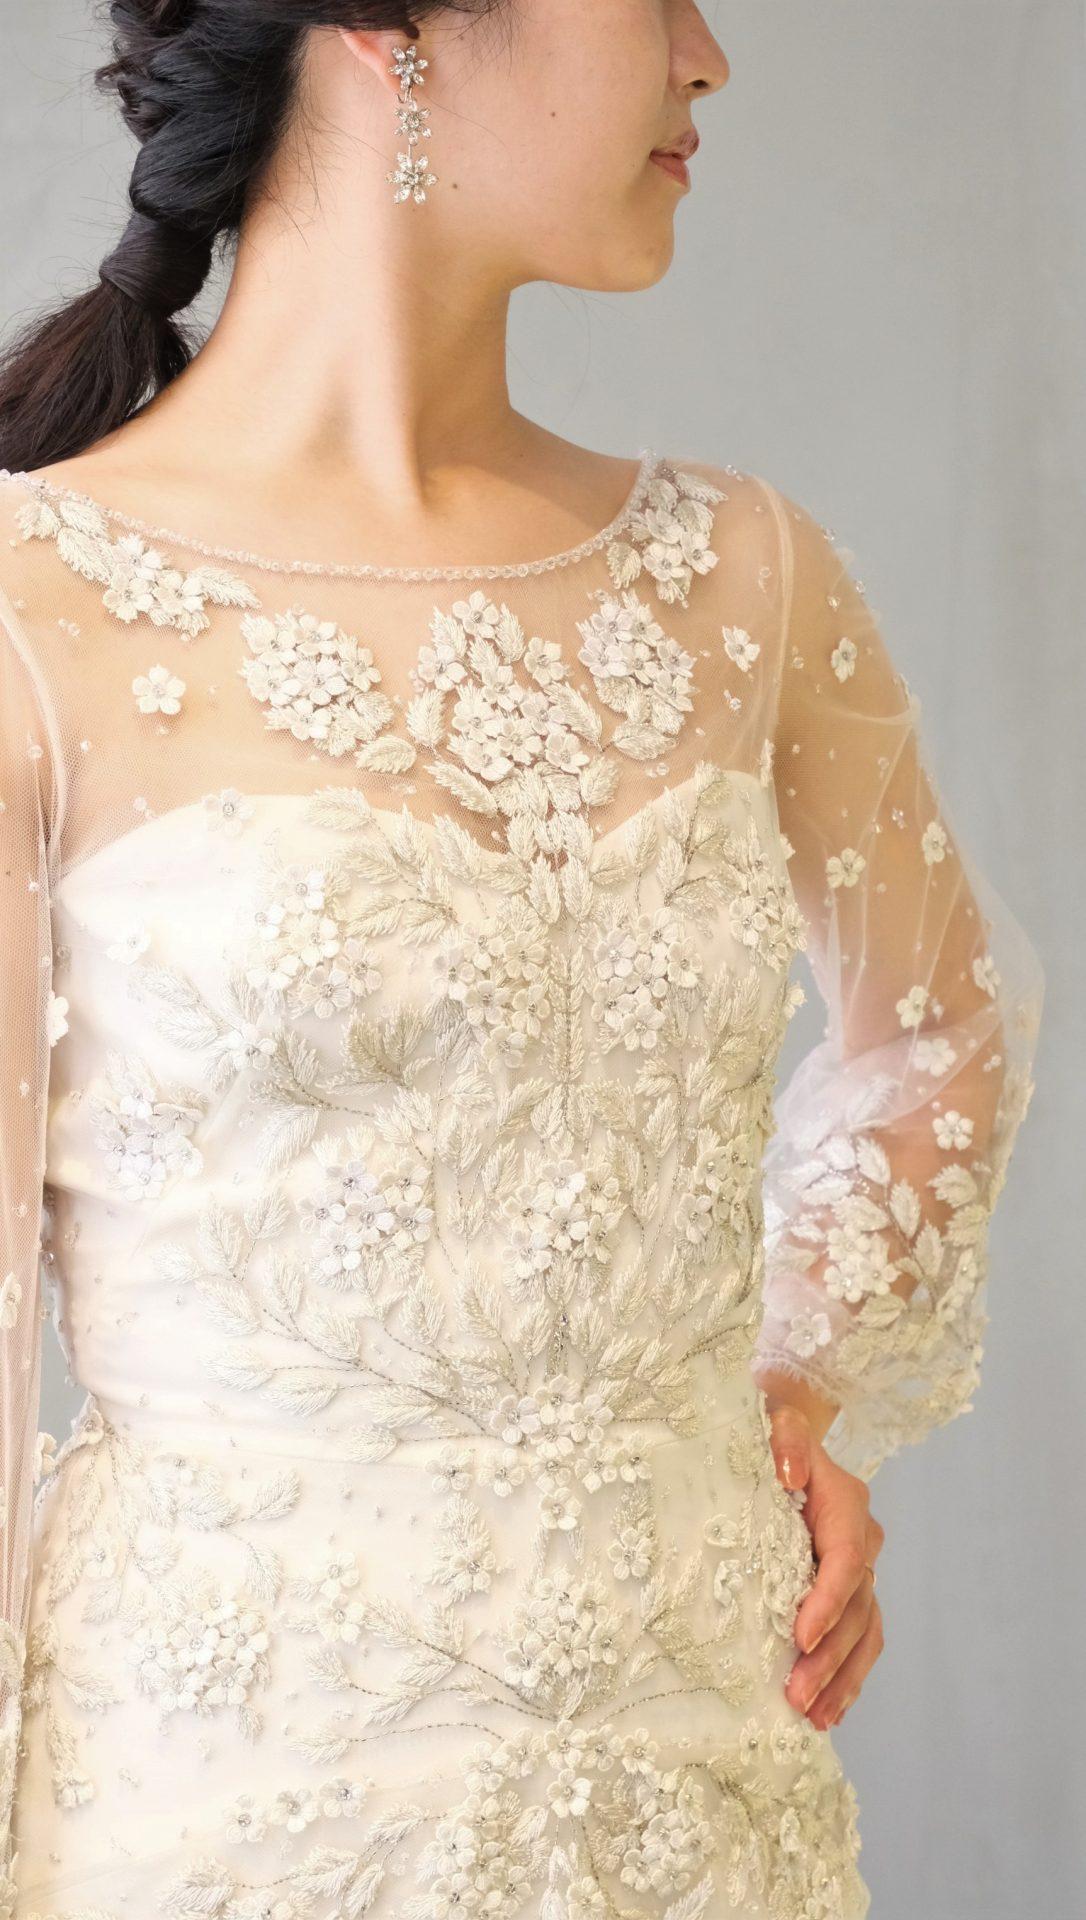 イギリスロンドン発のブランド、ジェニーパッカムの細かい刺繍が特徴のウェディングドレスの刺繍に合わせてお花のイヤリングを合わせました